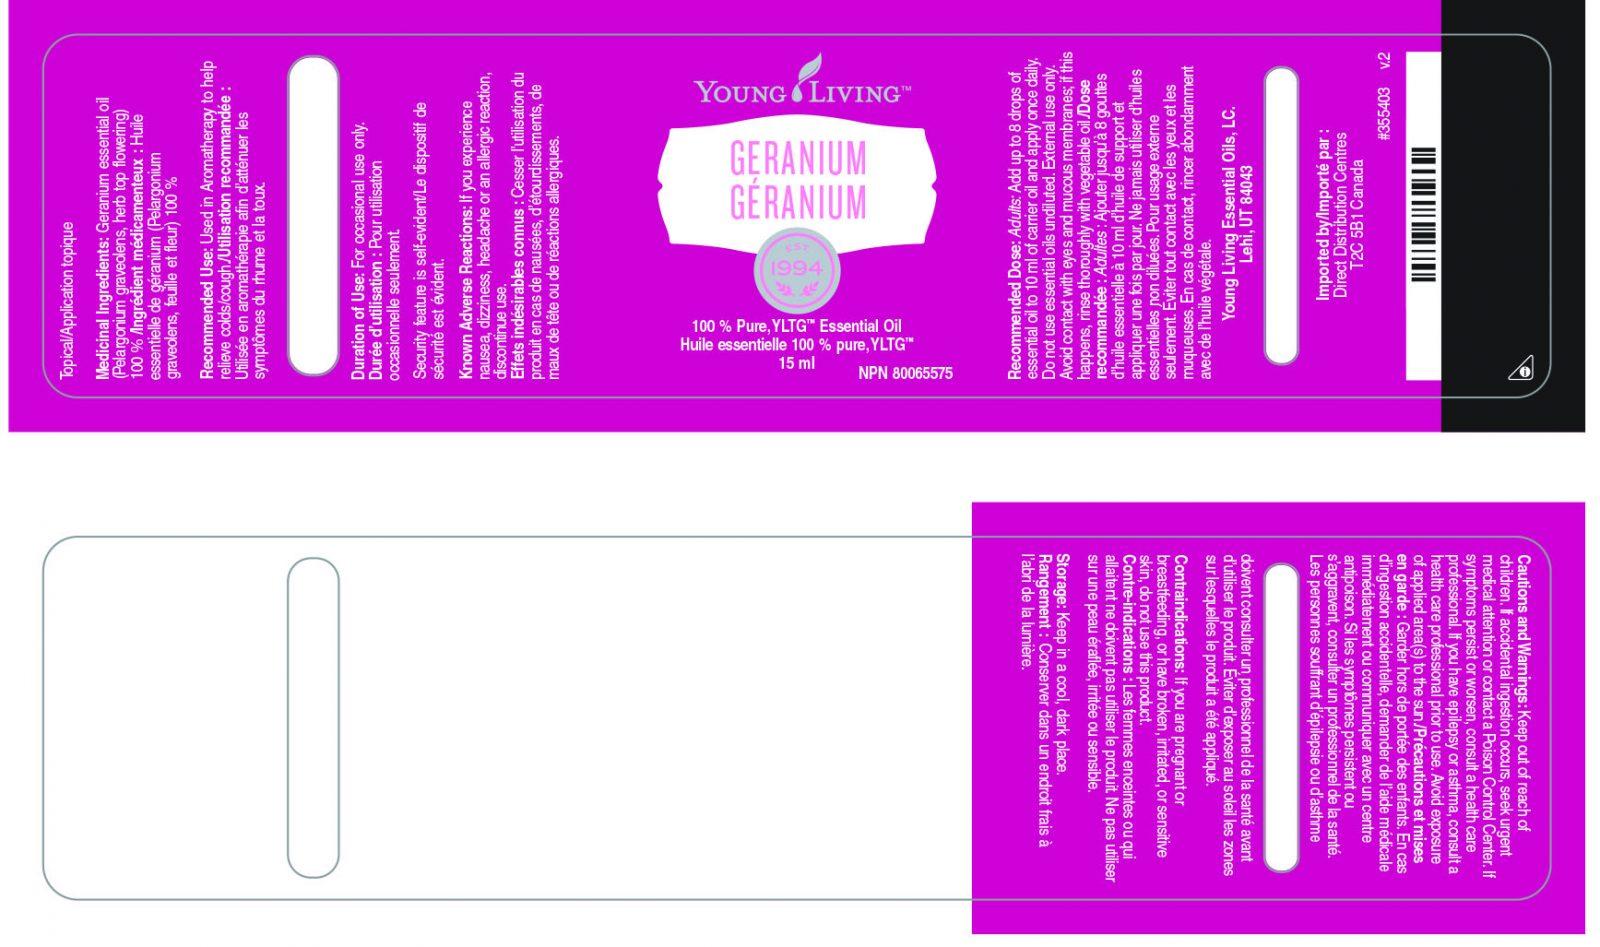 geranium essential oil bottle label